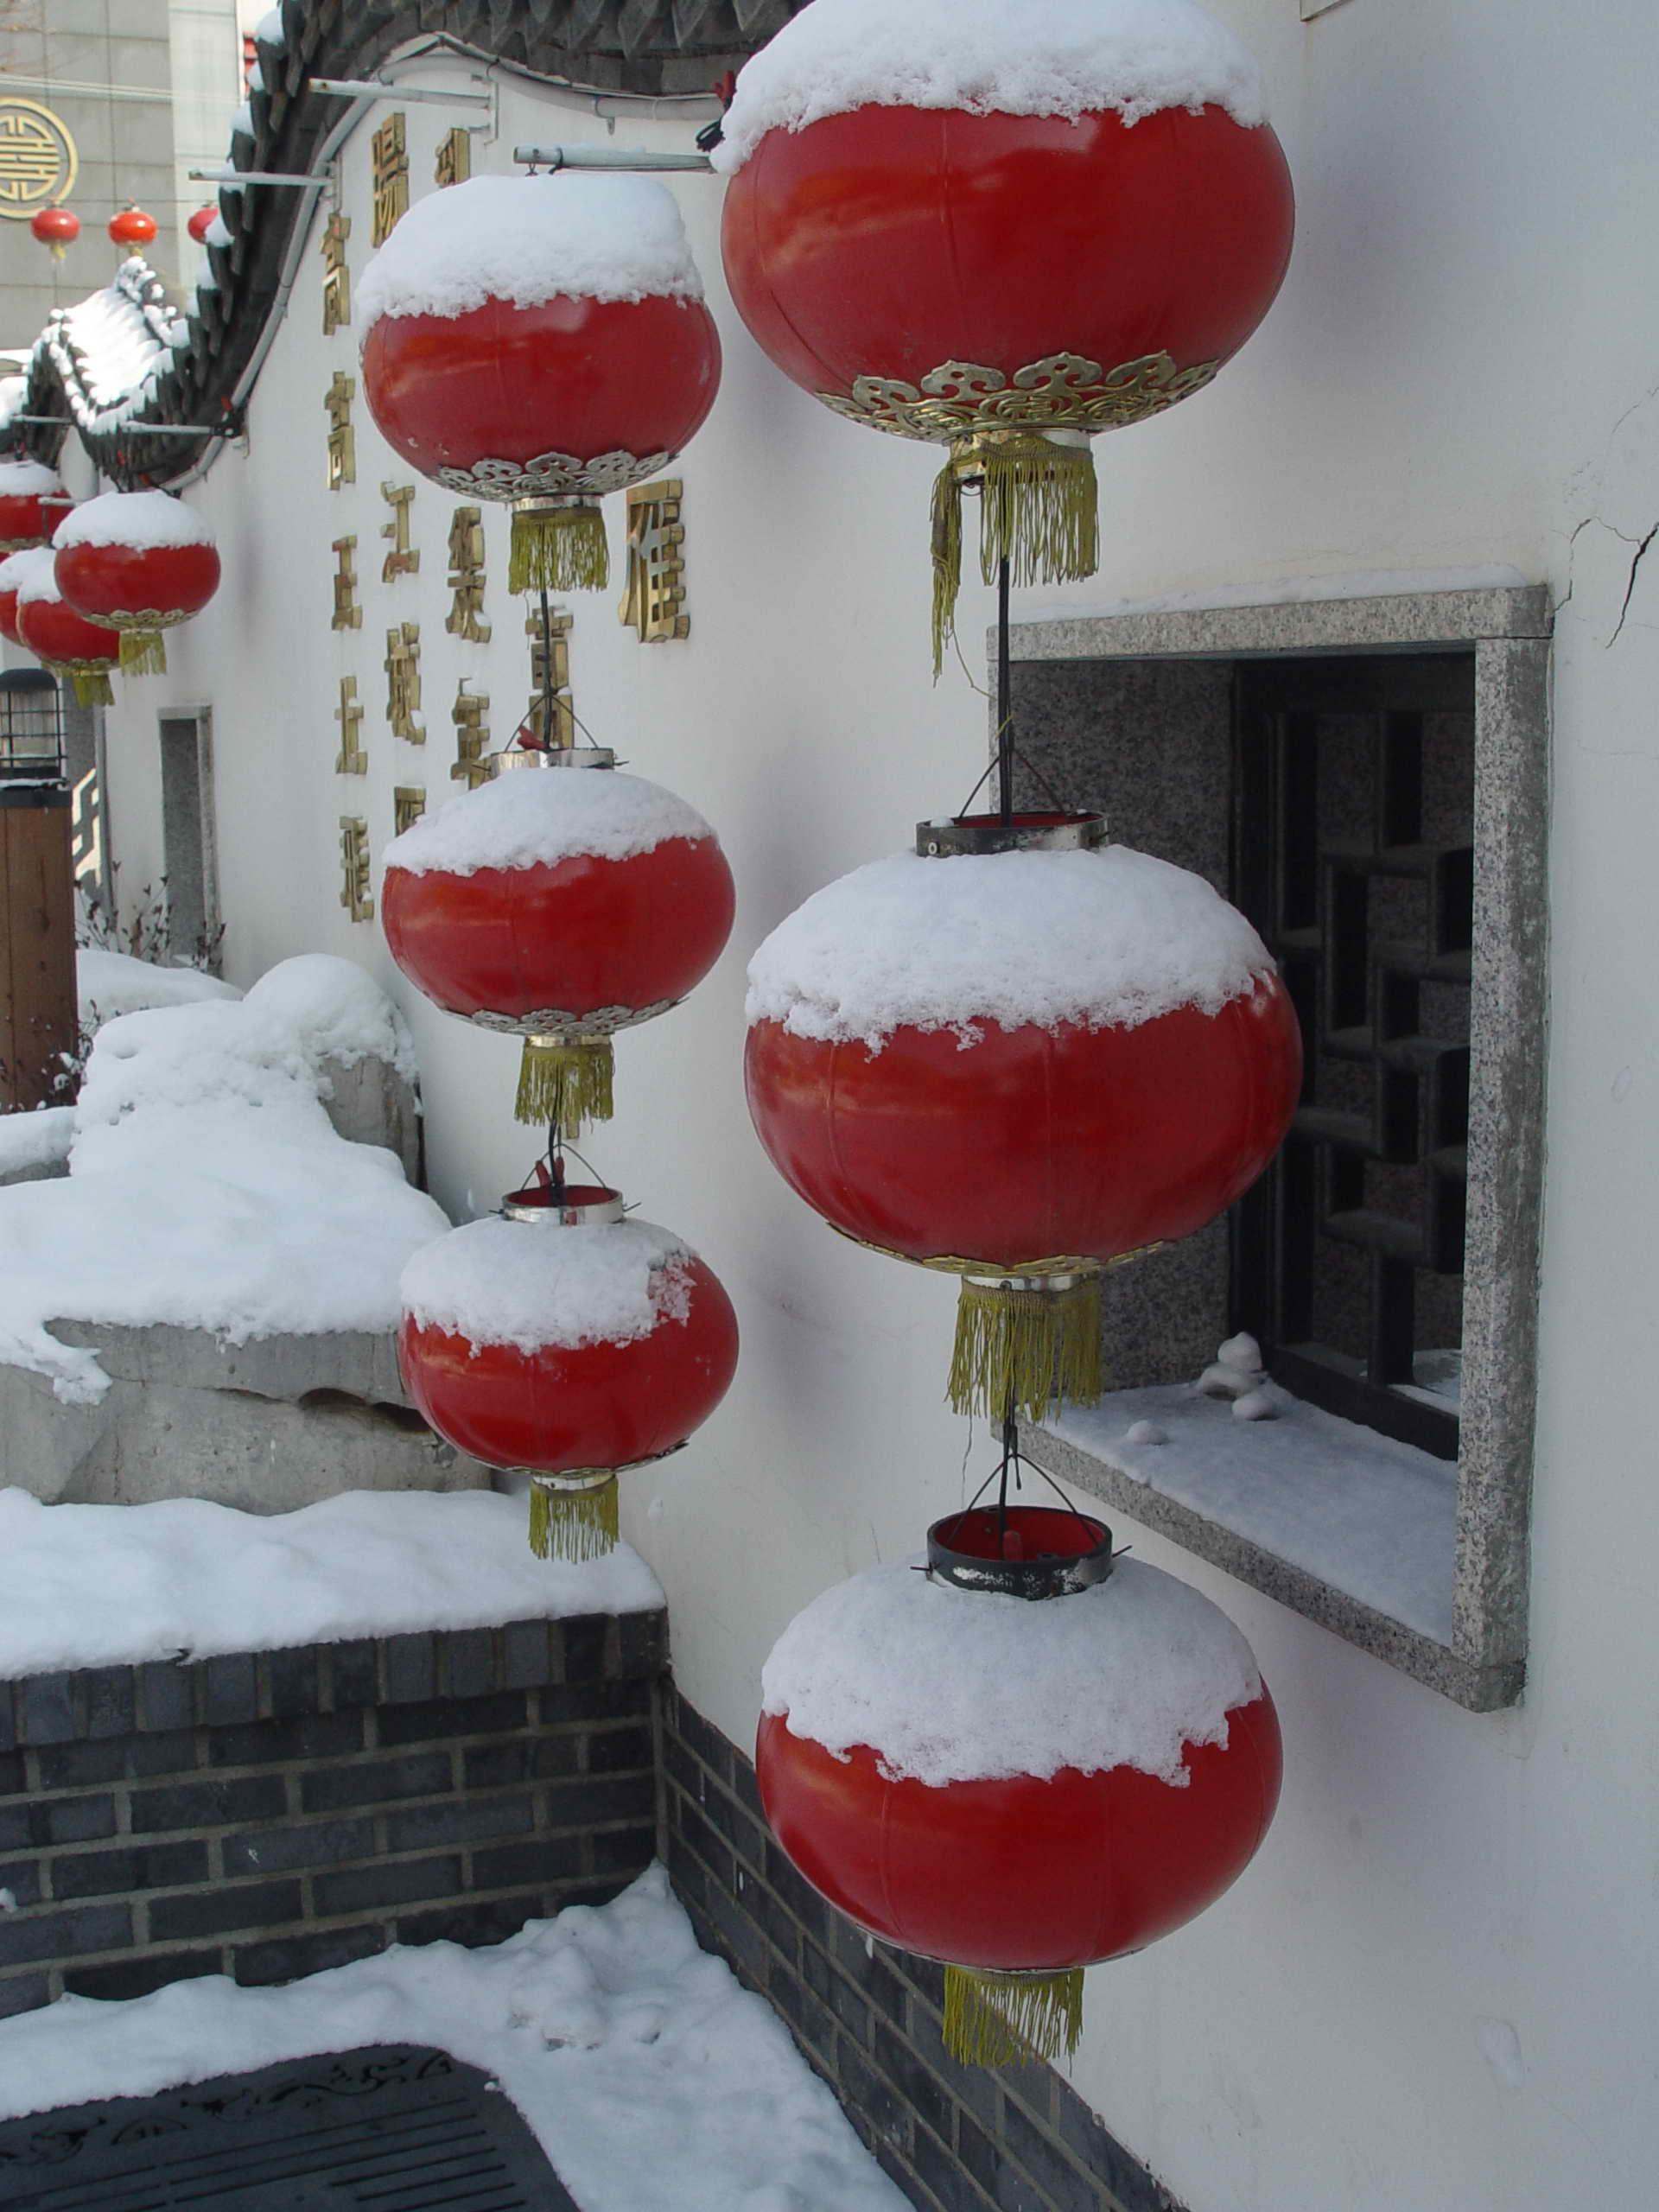 韩国红灯街 韩国红灯 韩国红灯aq 图片 260.jpg 1920x2560